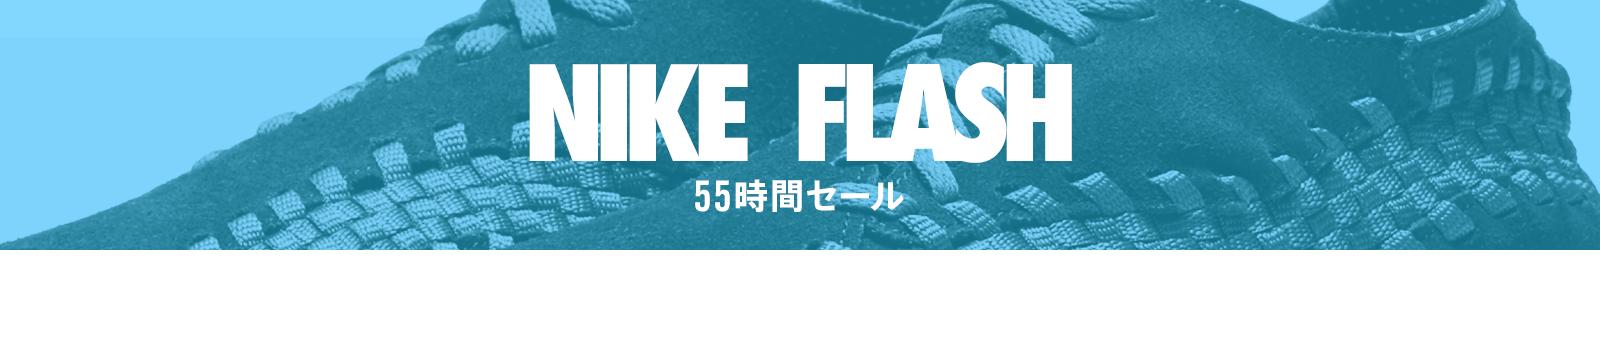 NIKE&Nike Sportswearで55時間限定、最大75%OFFのフラッシュセールを開催中。スポーツウェア、エアマックス、エアフォース1、ソックダートなど。